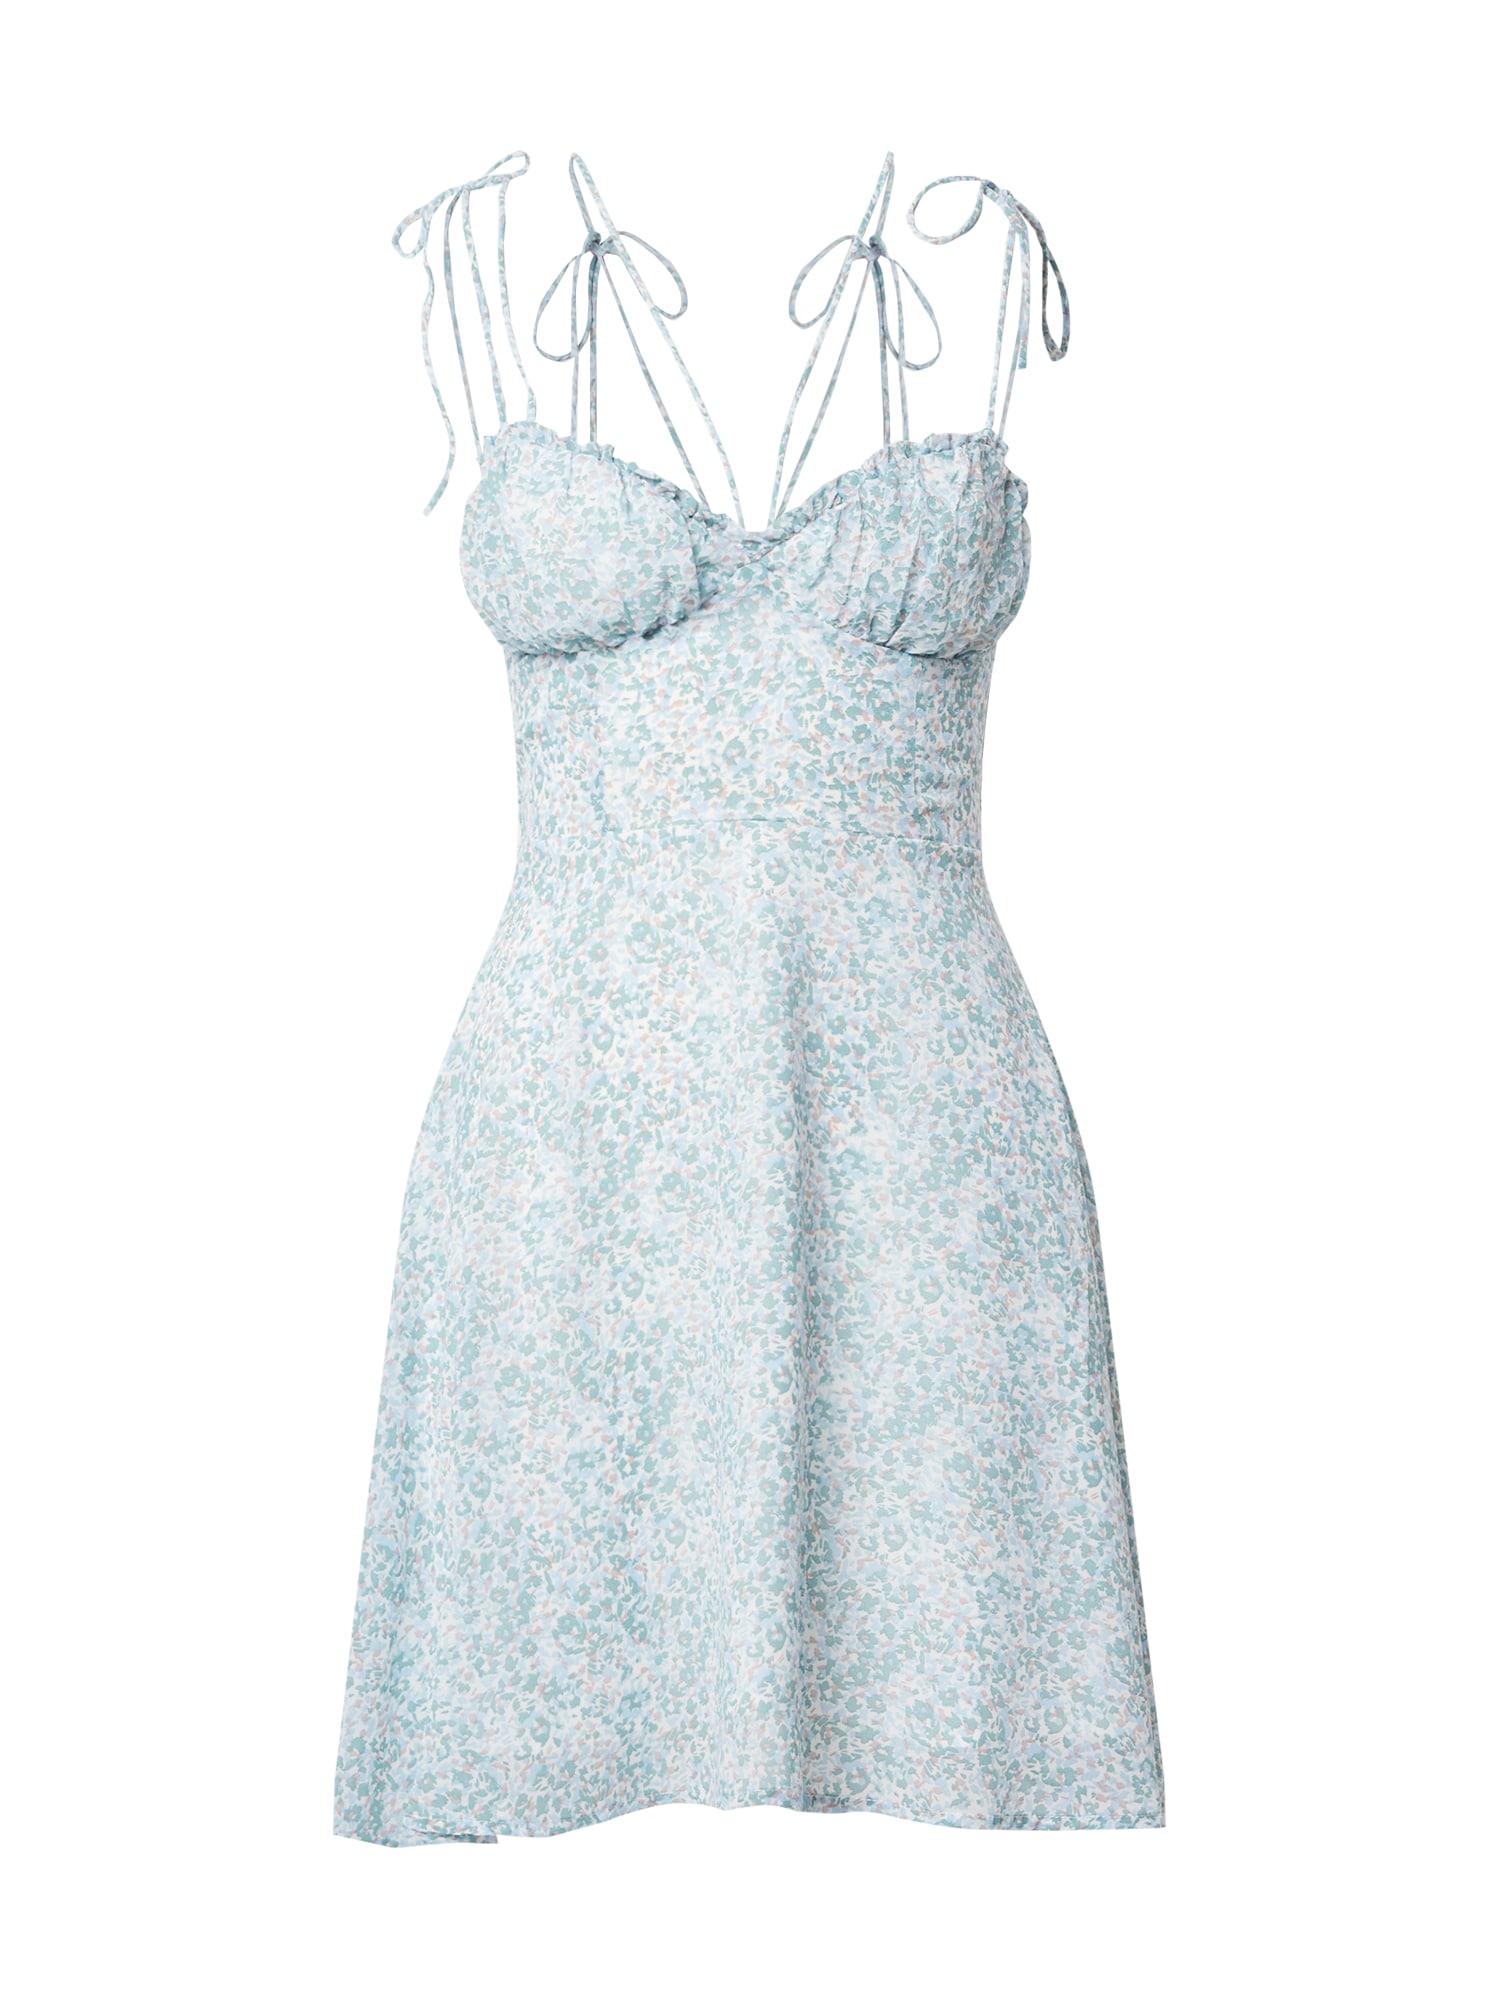 Parallel Lines Vasarinė suknelė balta / šviesiai mėlyna